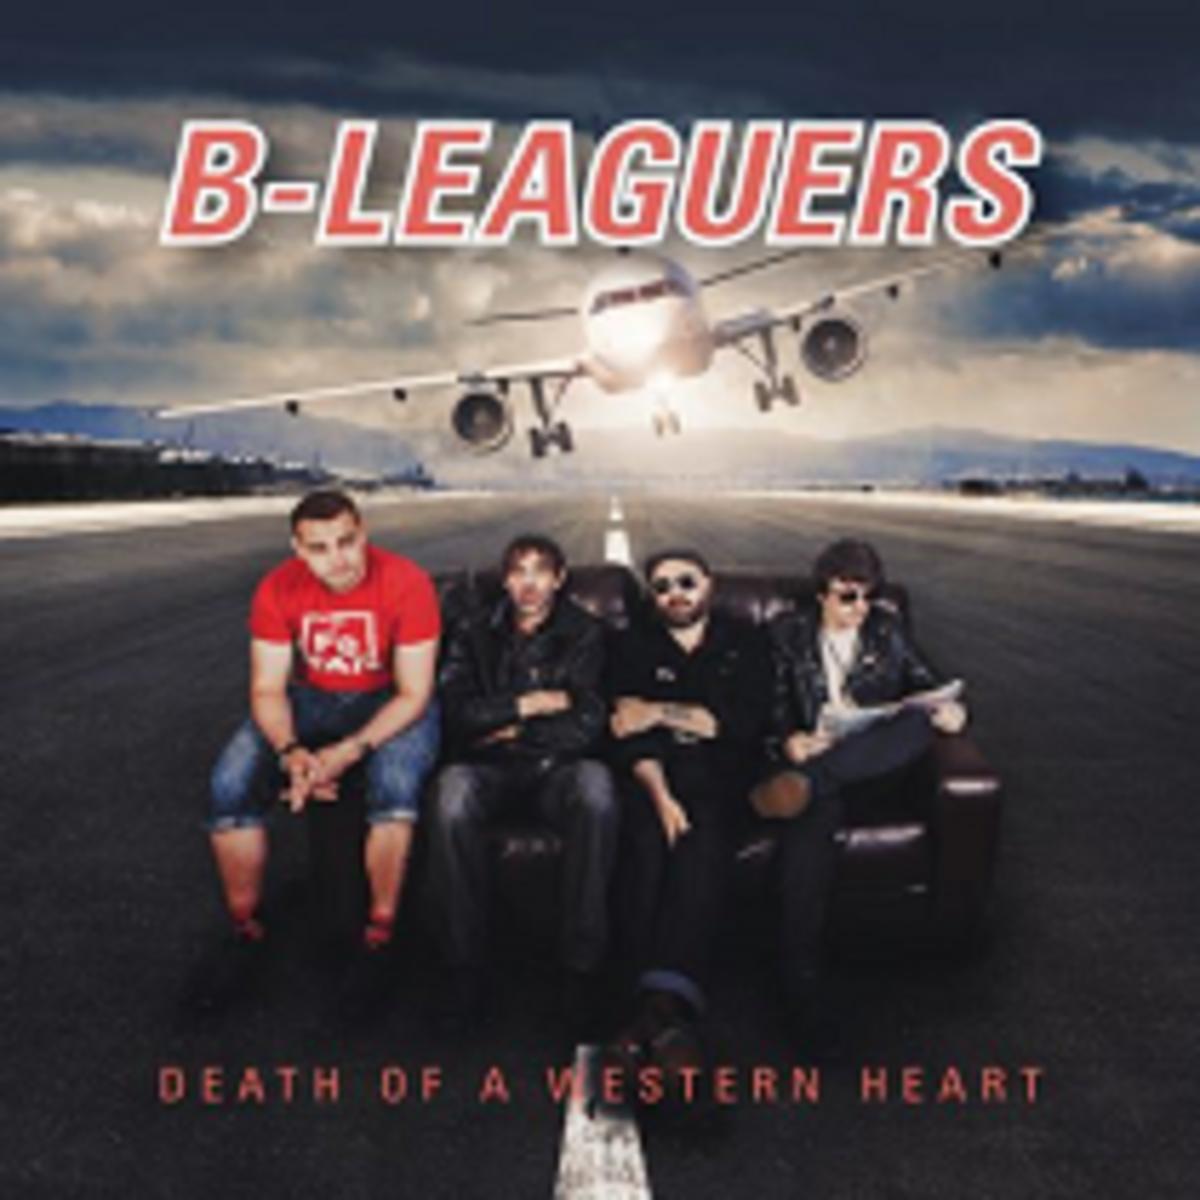 bleaguerrs